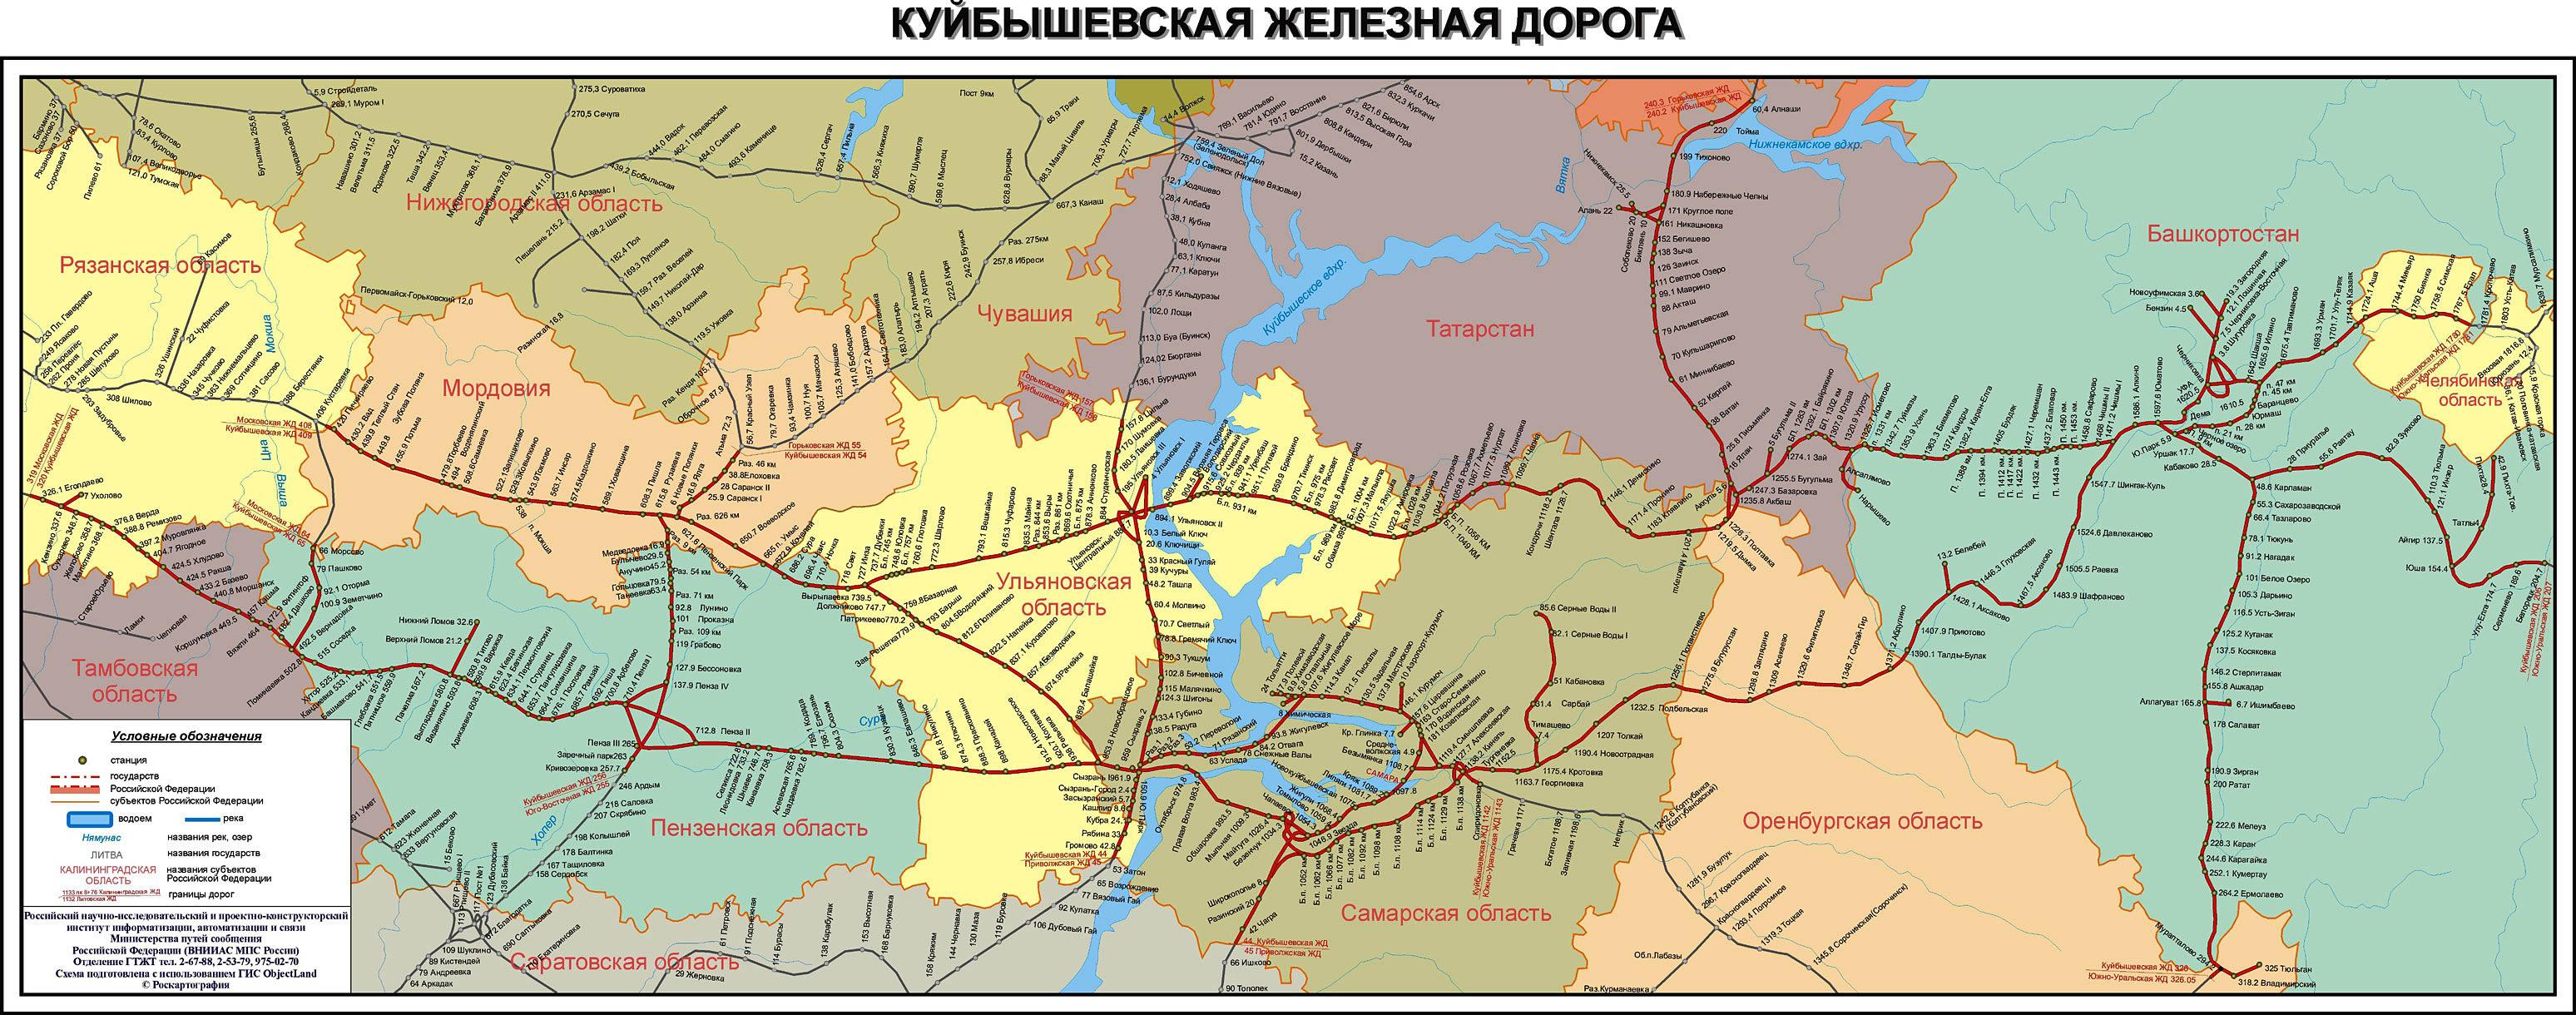 Московская область схема проезда фото 705